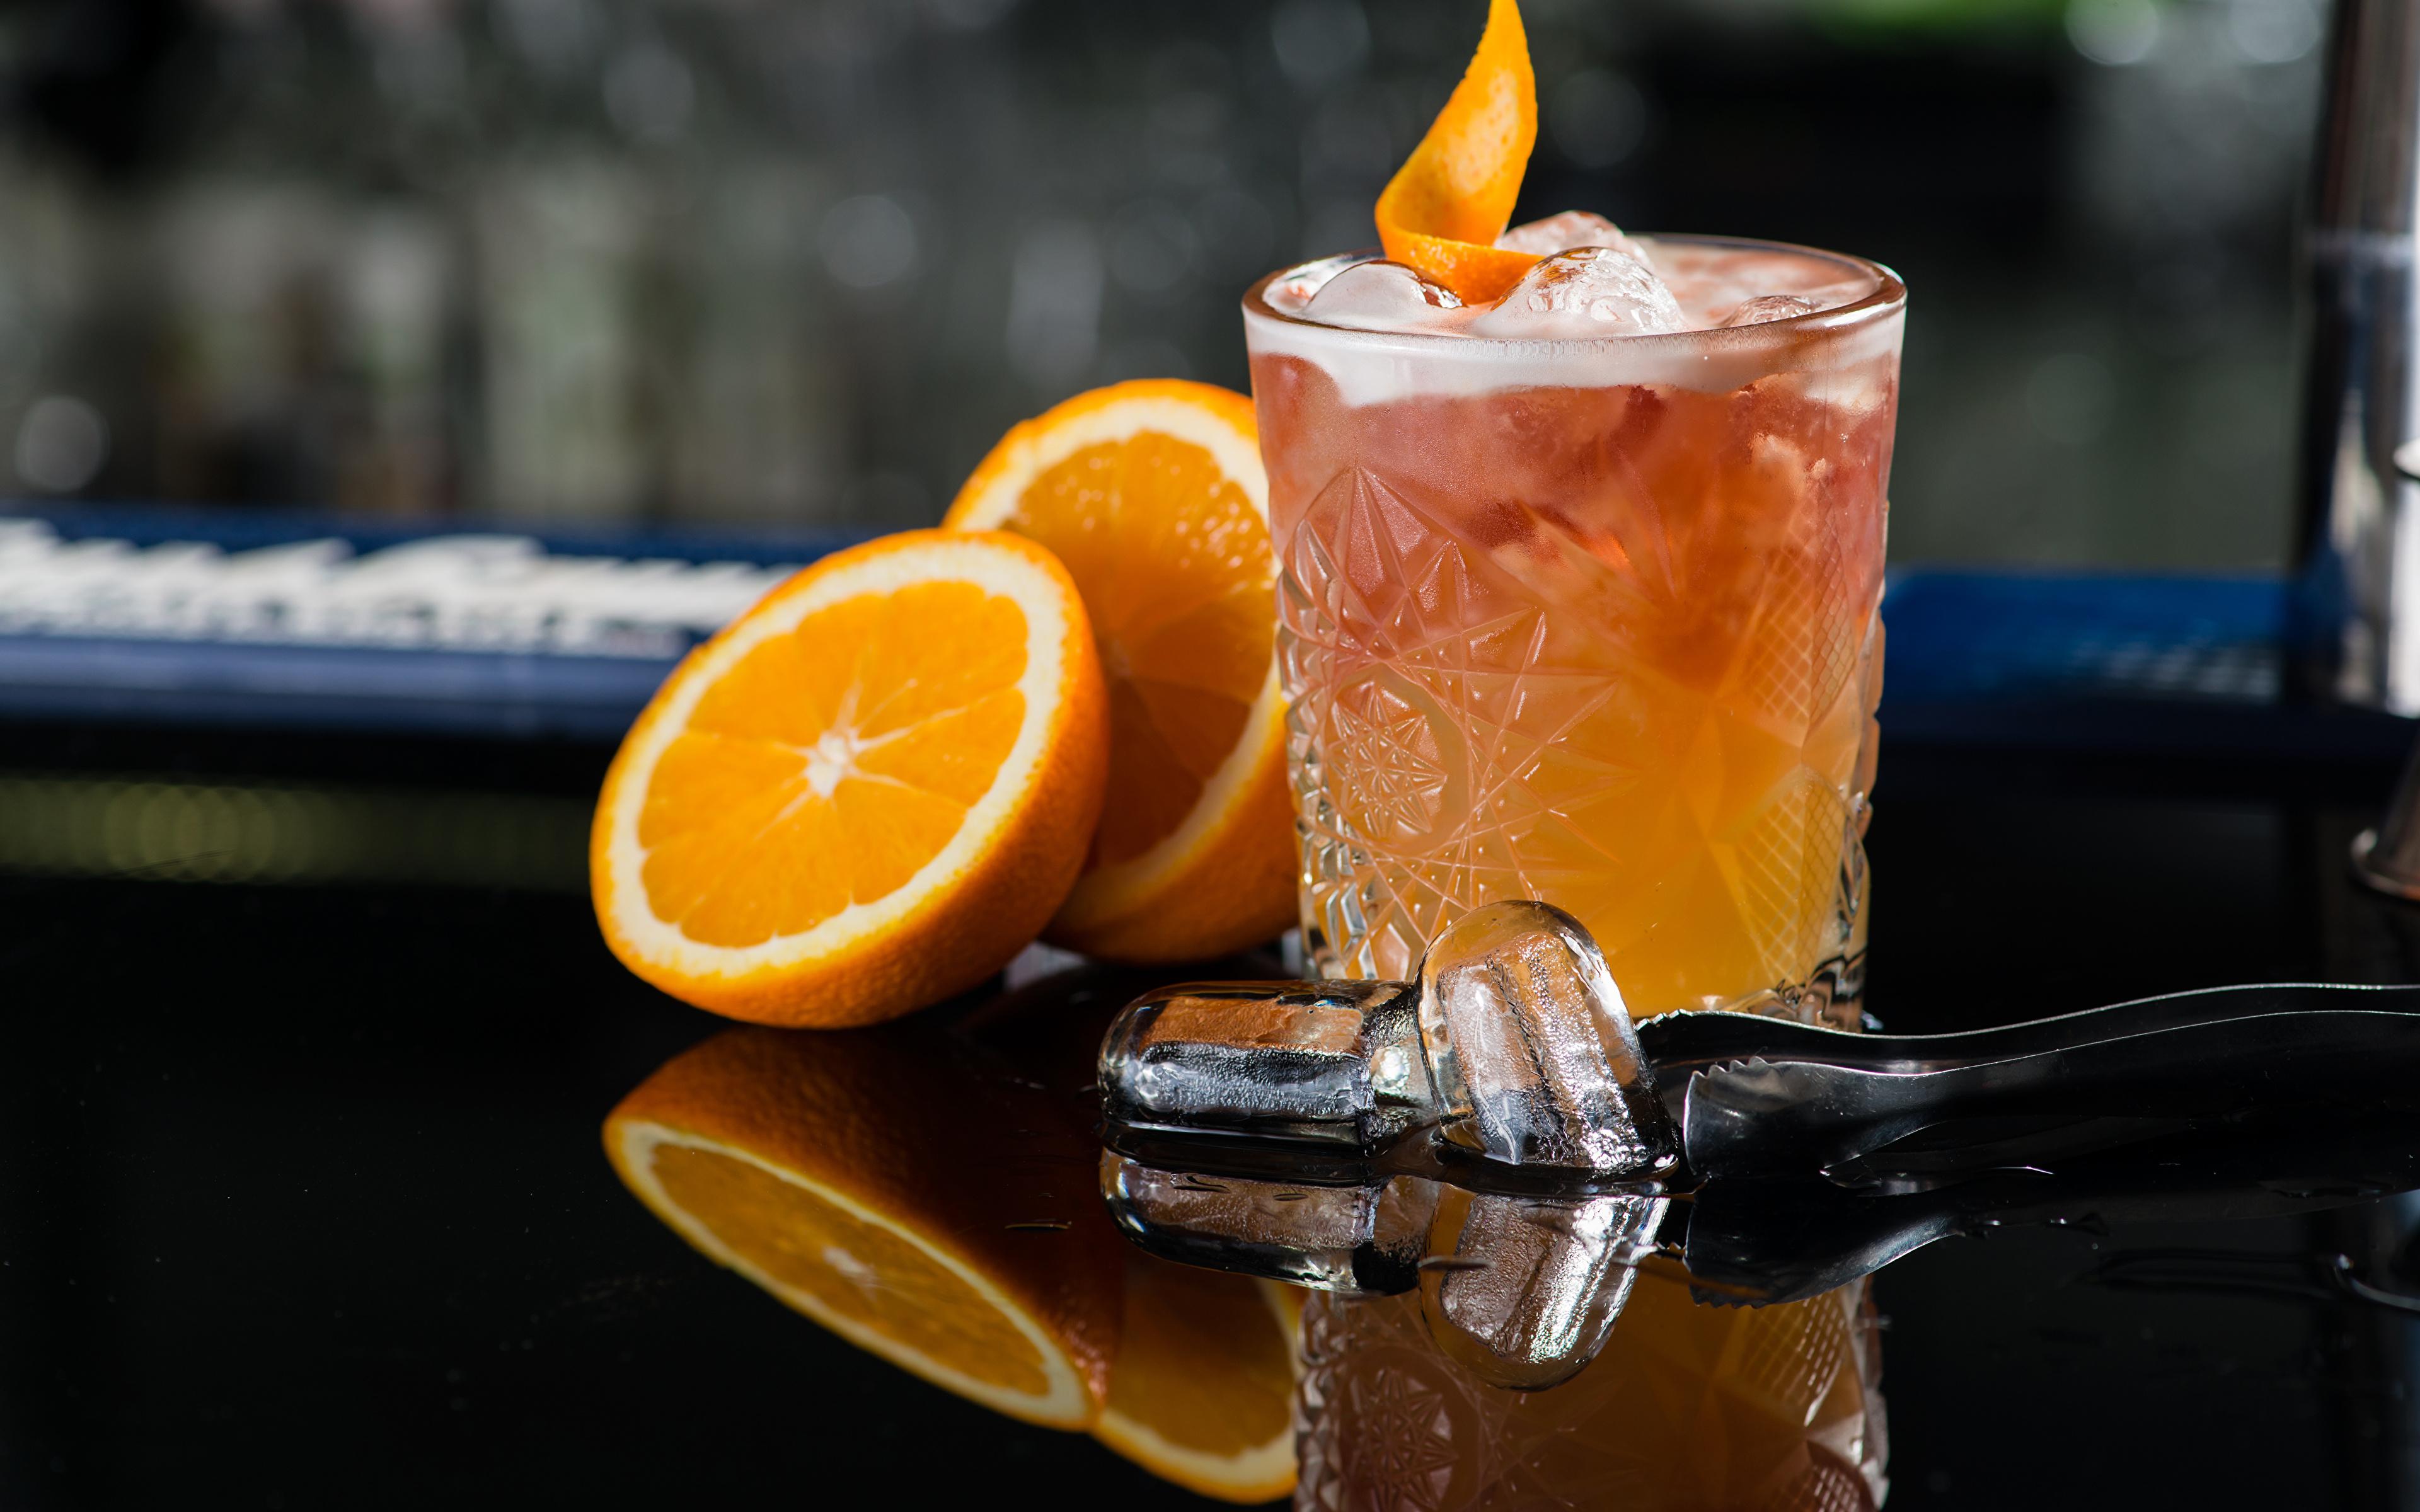 Обои для рабочего стола Алкогольные напитки льда Апельсин стакана Еда Коктейль 3840x2400 Лед Стакан стакане Пища Продукты питания